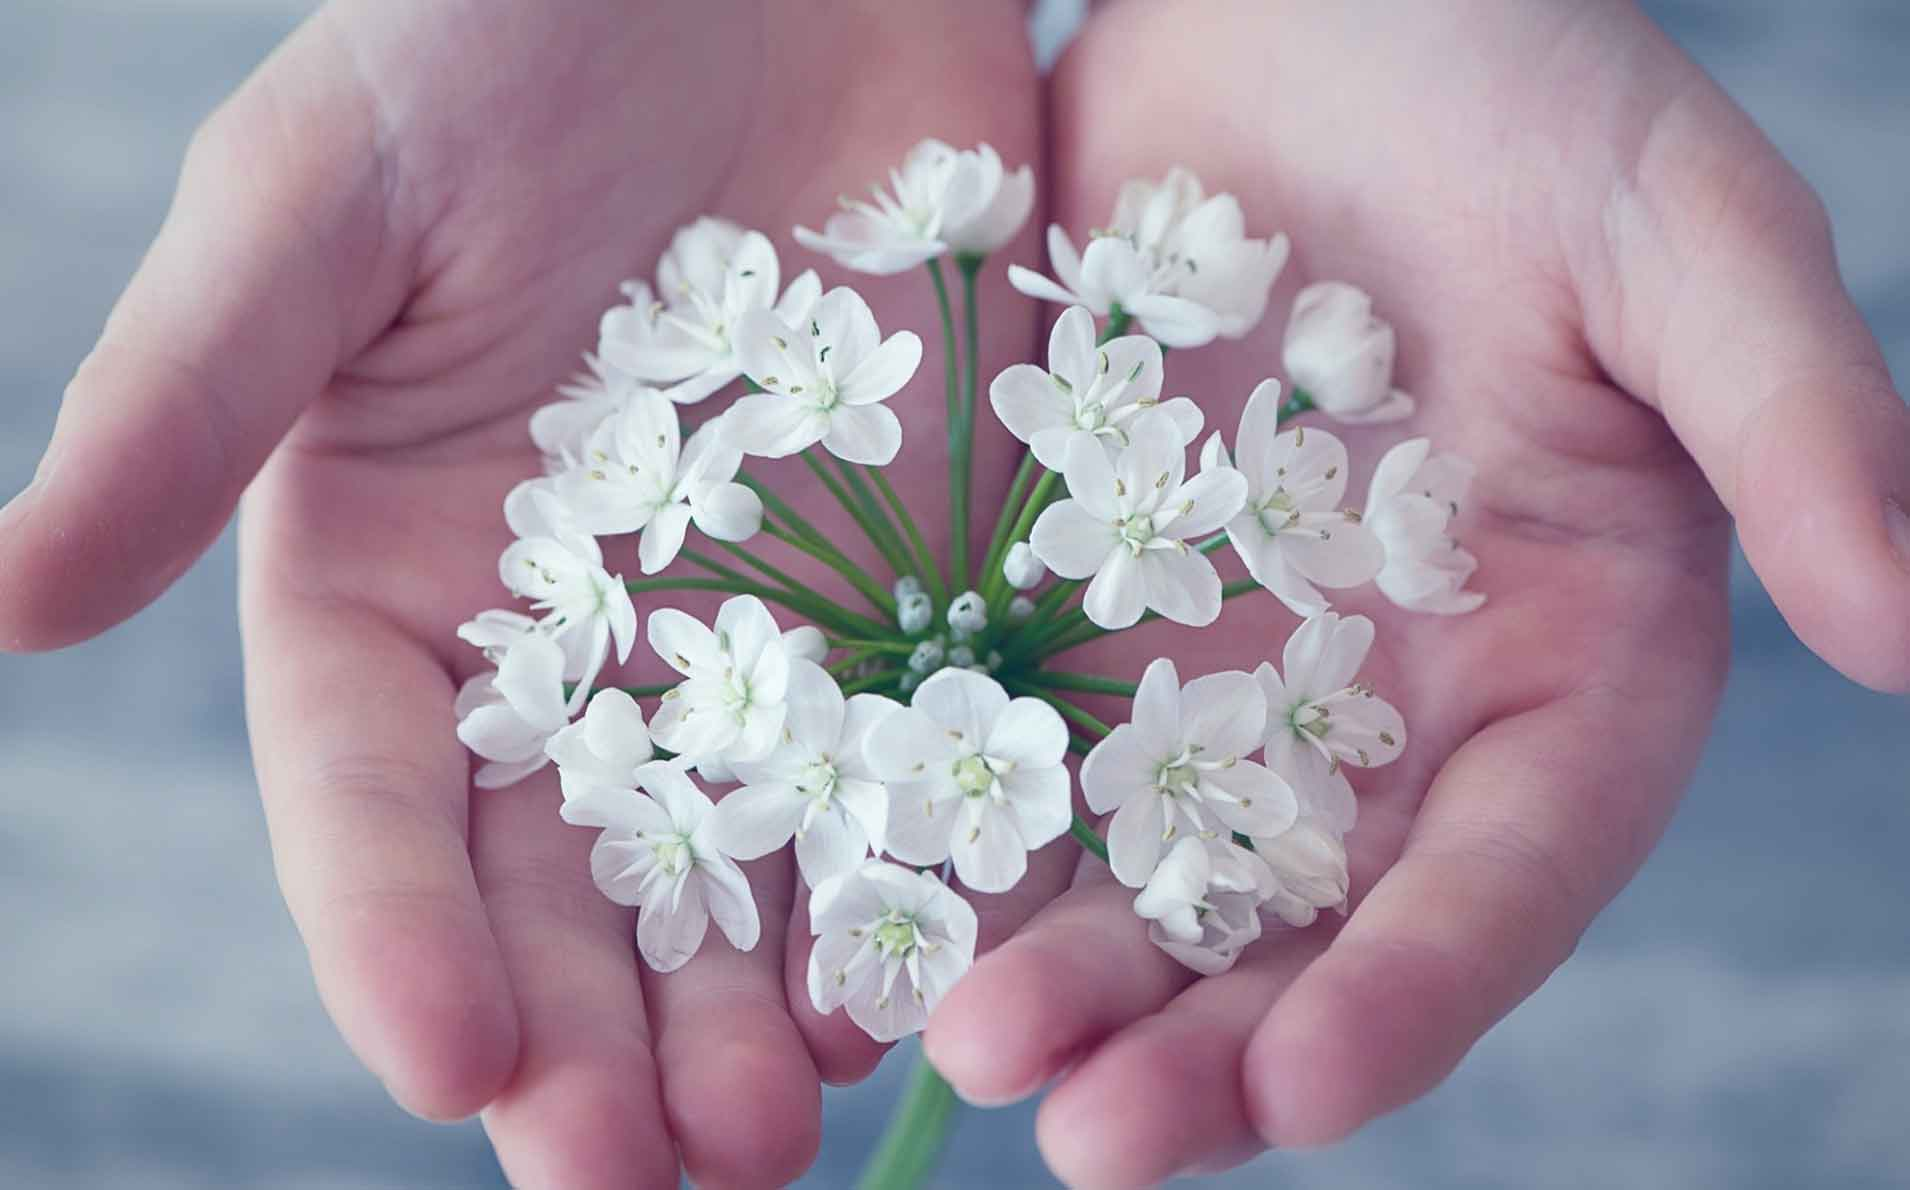 El Blog del Agradecimiento. Demos la Bienvenida a la Prosperidad Universal